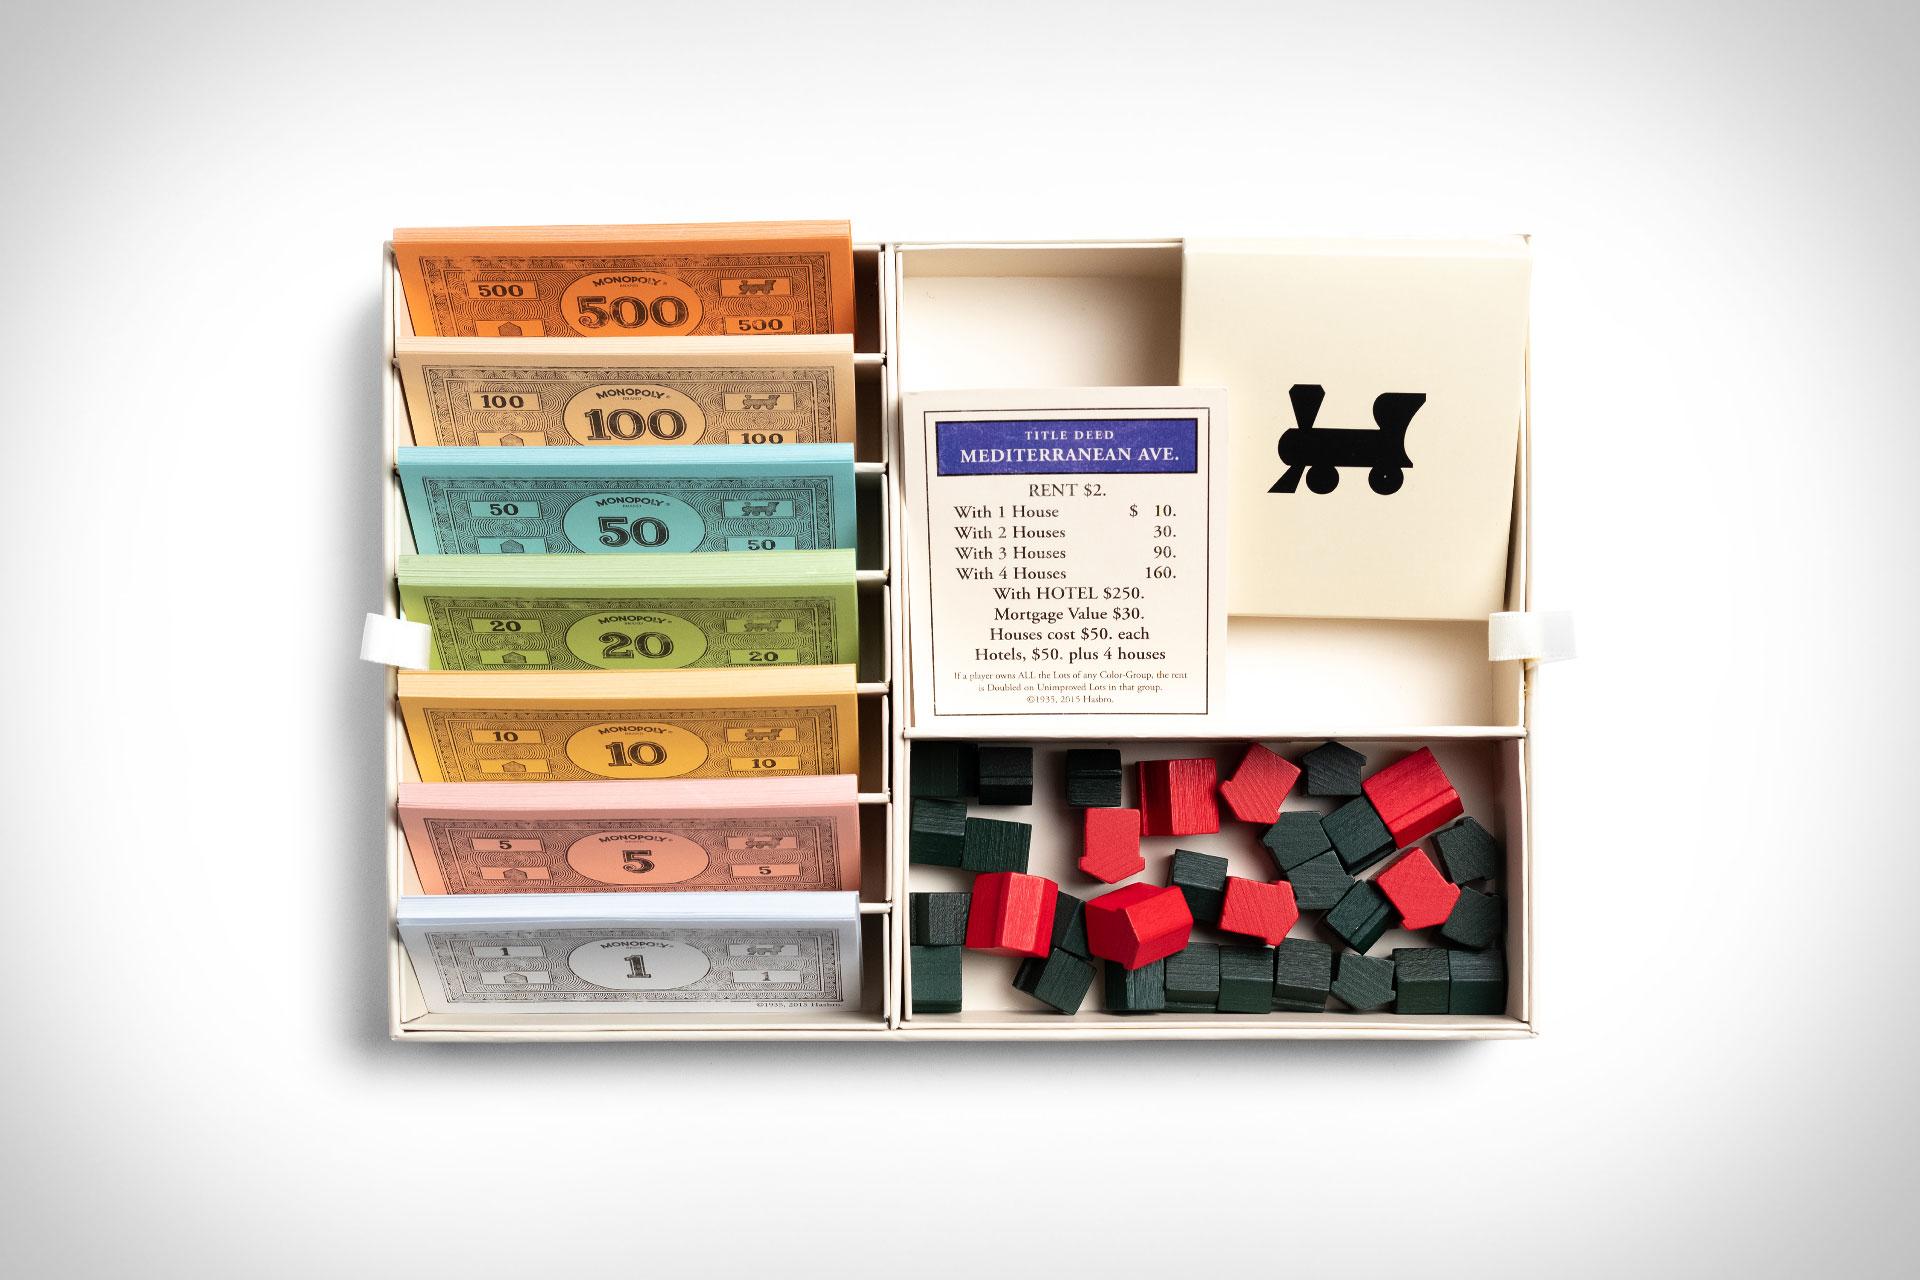 Vintage Bookshelf Games: i classici giochi da tavolo, riorganizzati per stare bene in libreria